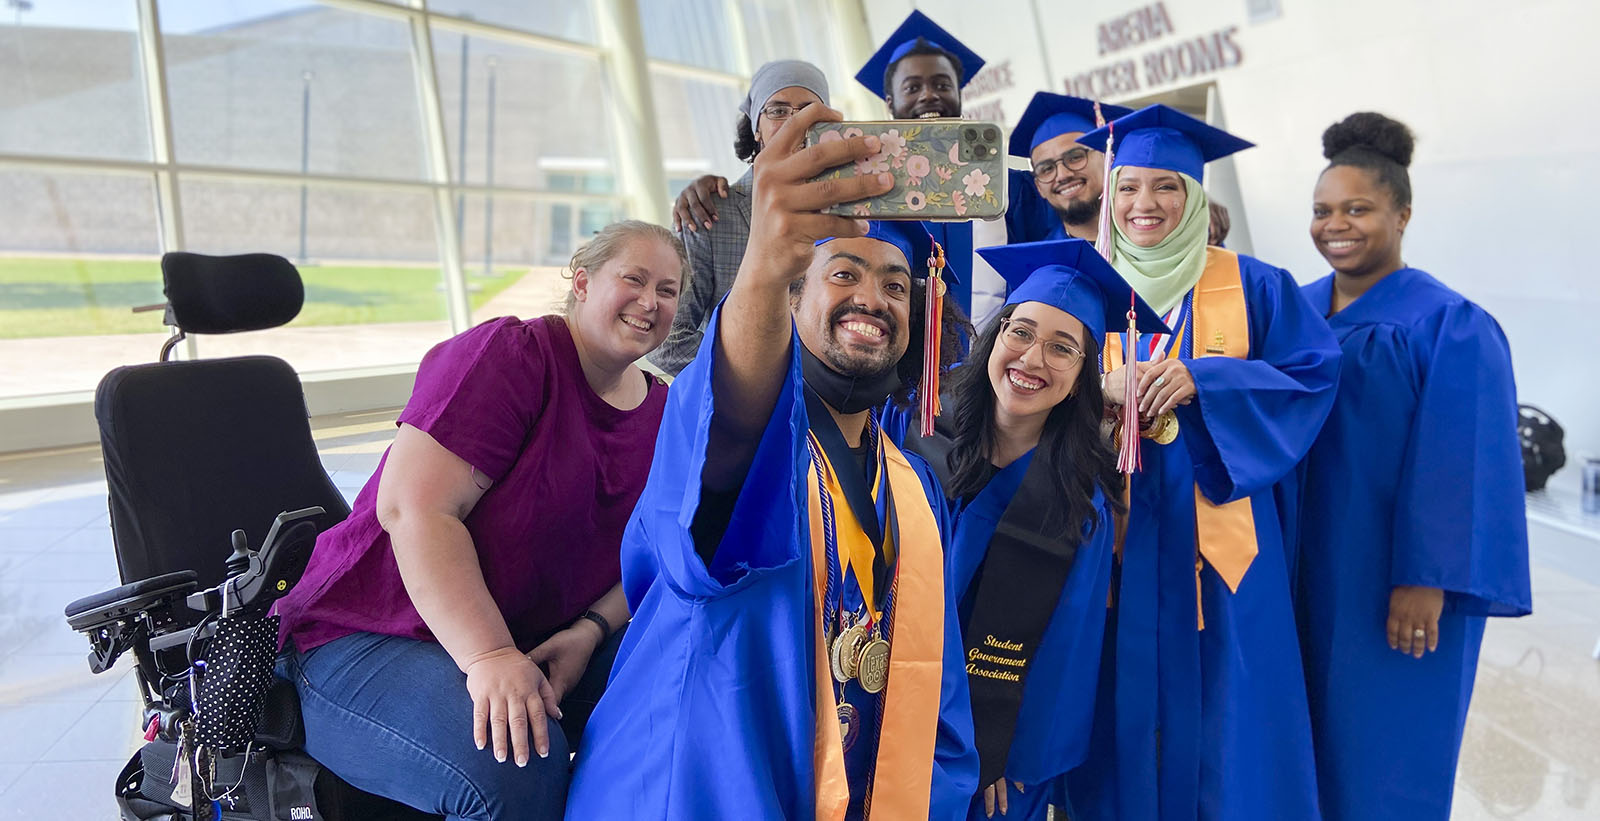 group photo of Dallas College graduates